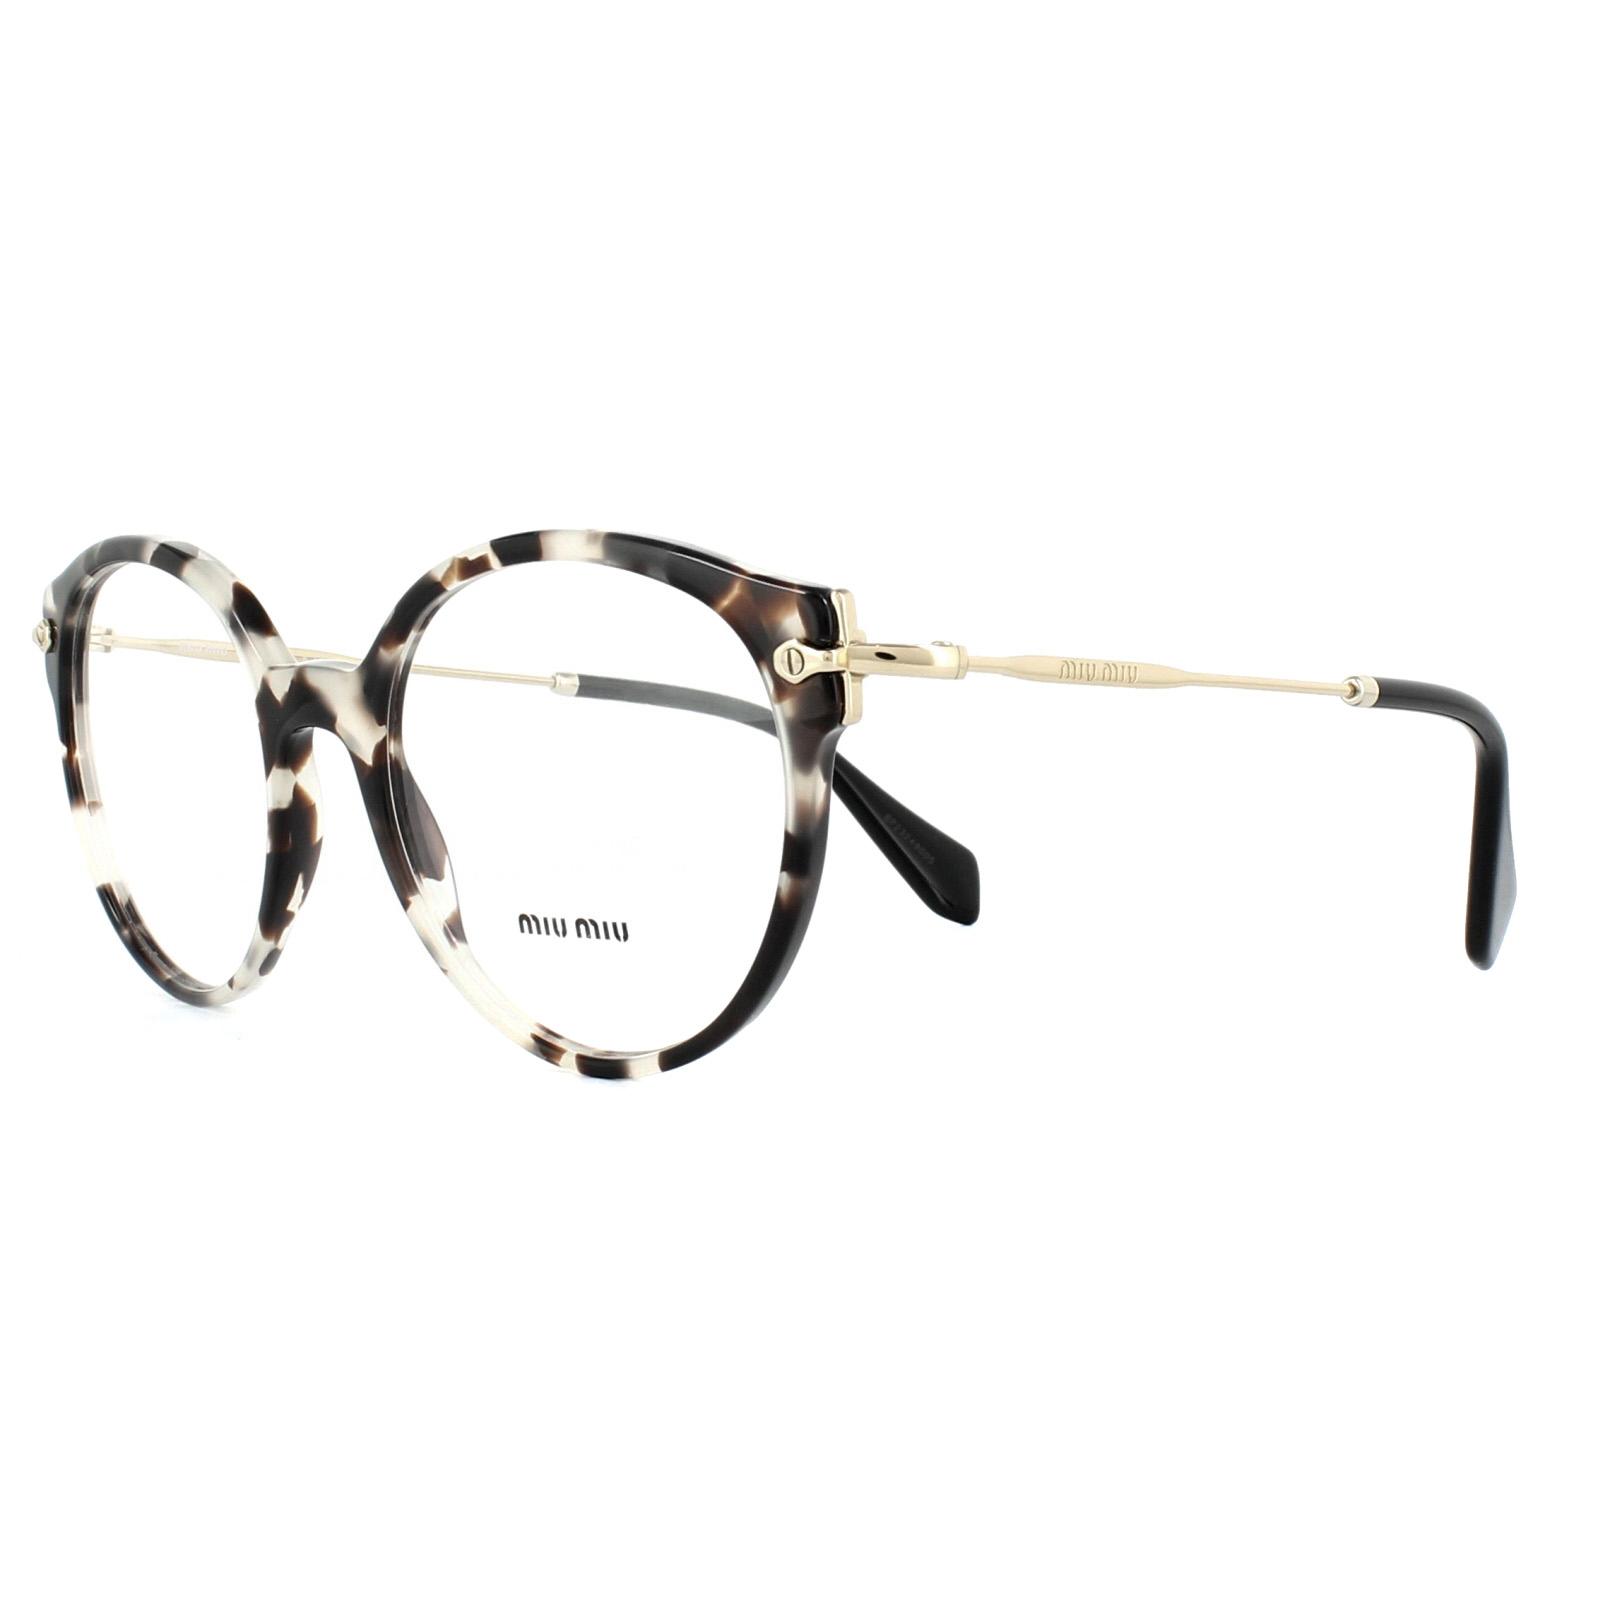 05494bc0ffd Cheap Miu Miu MU04PV Glasses Frames - Discounted Sunglasses